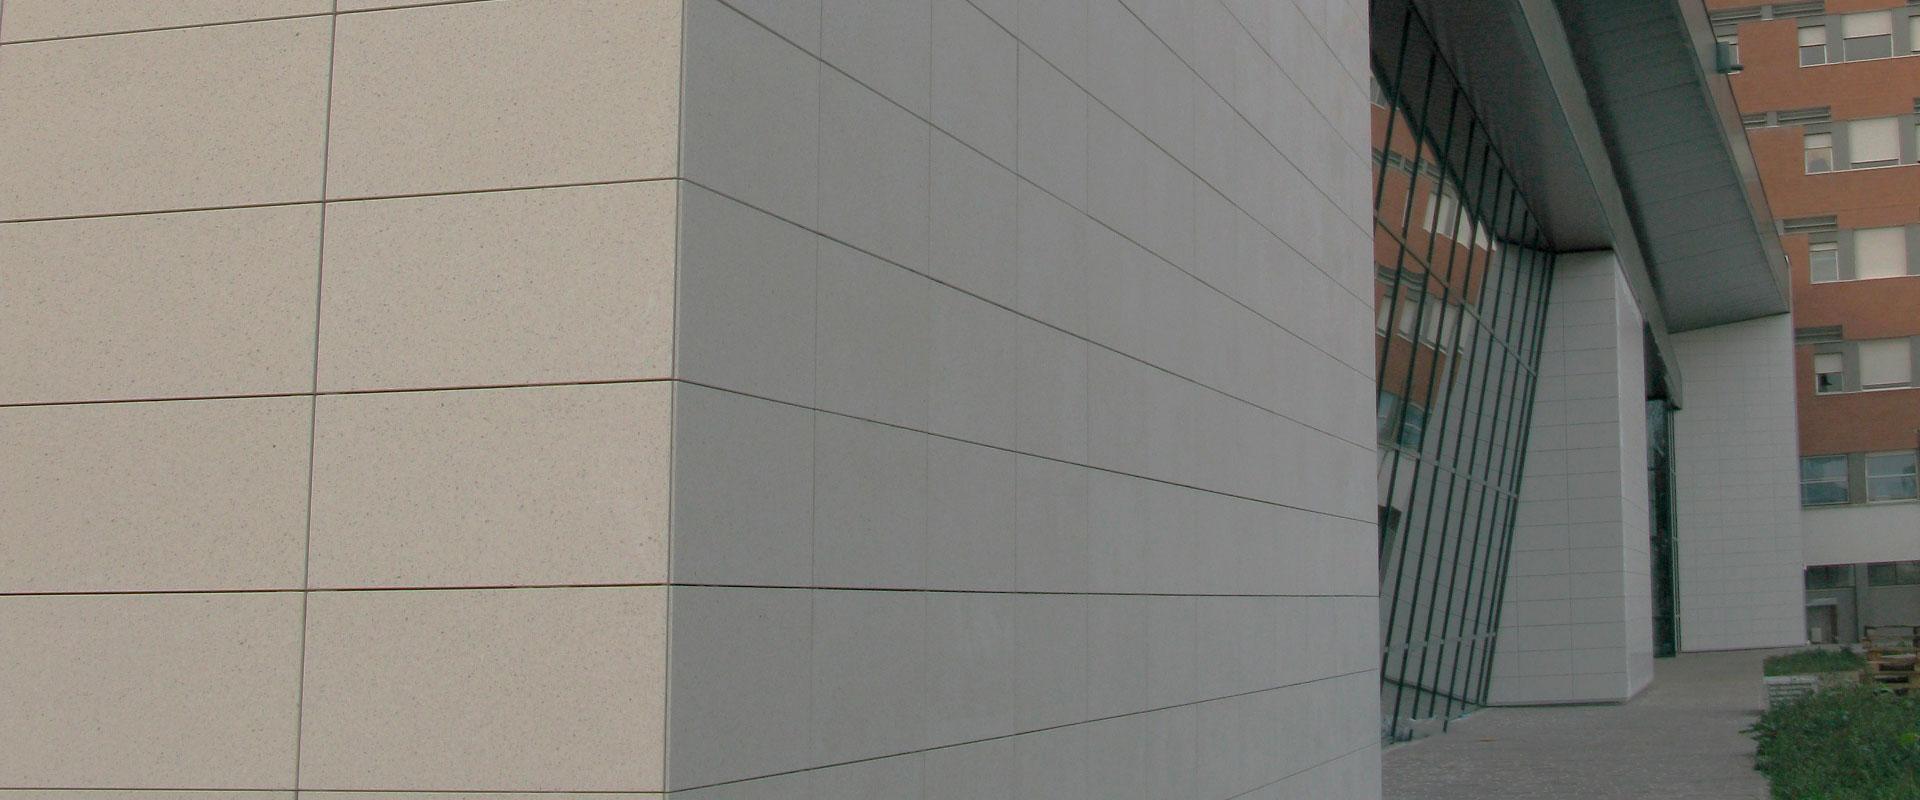 AGGLOTECH-progetto-ospedale-rovigo-slider-4